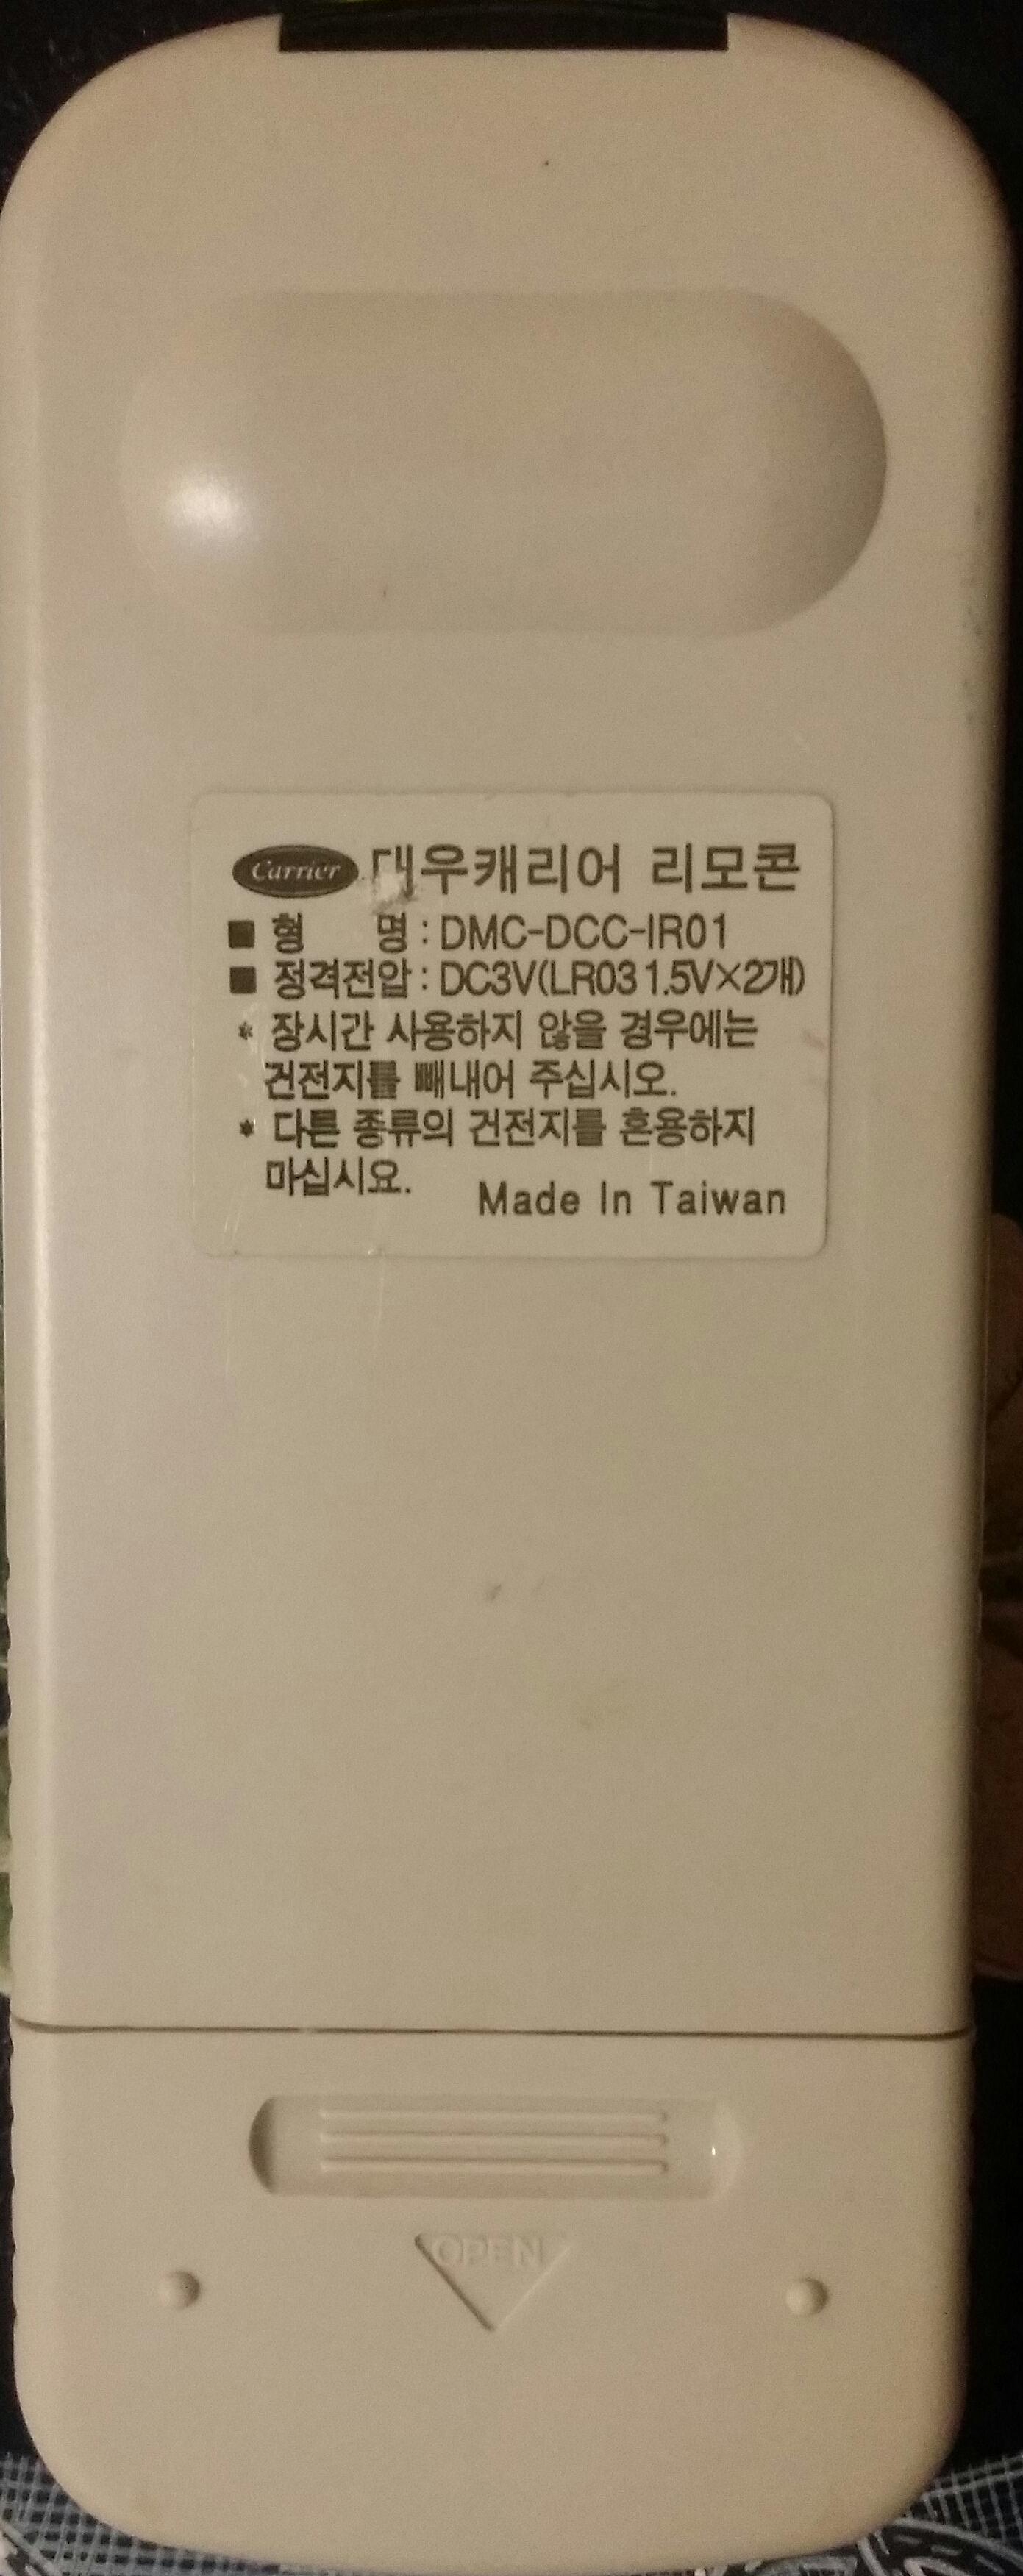 CM160801-200529001-1.jpg